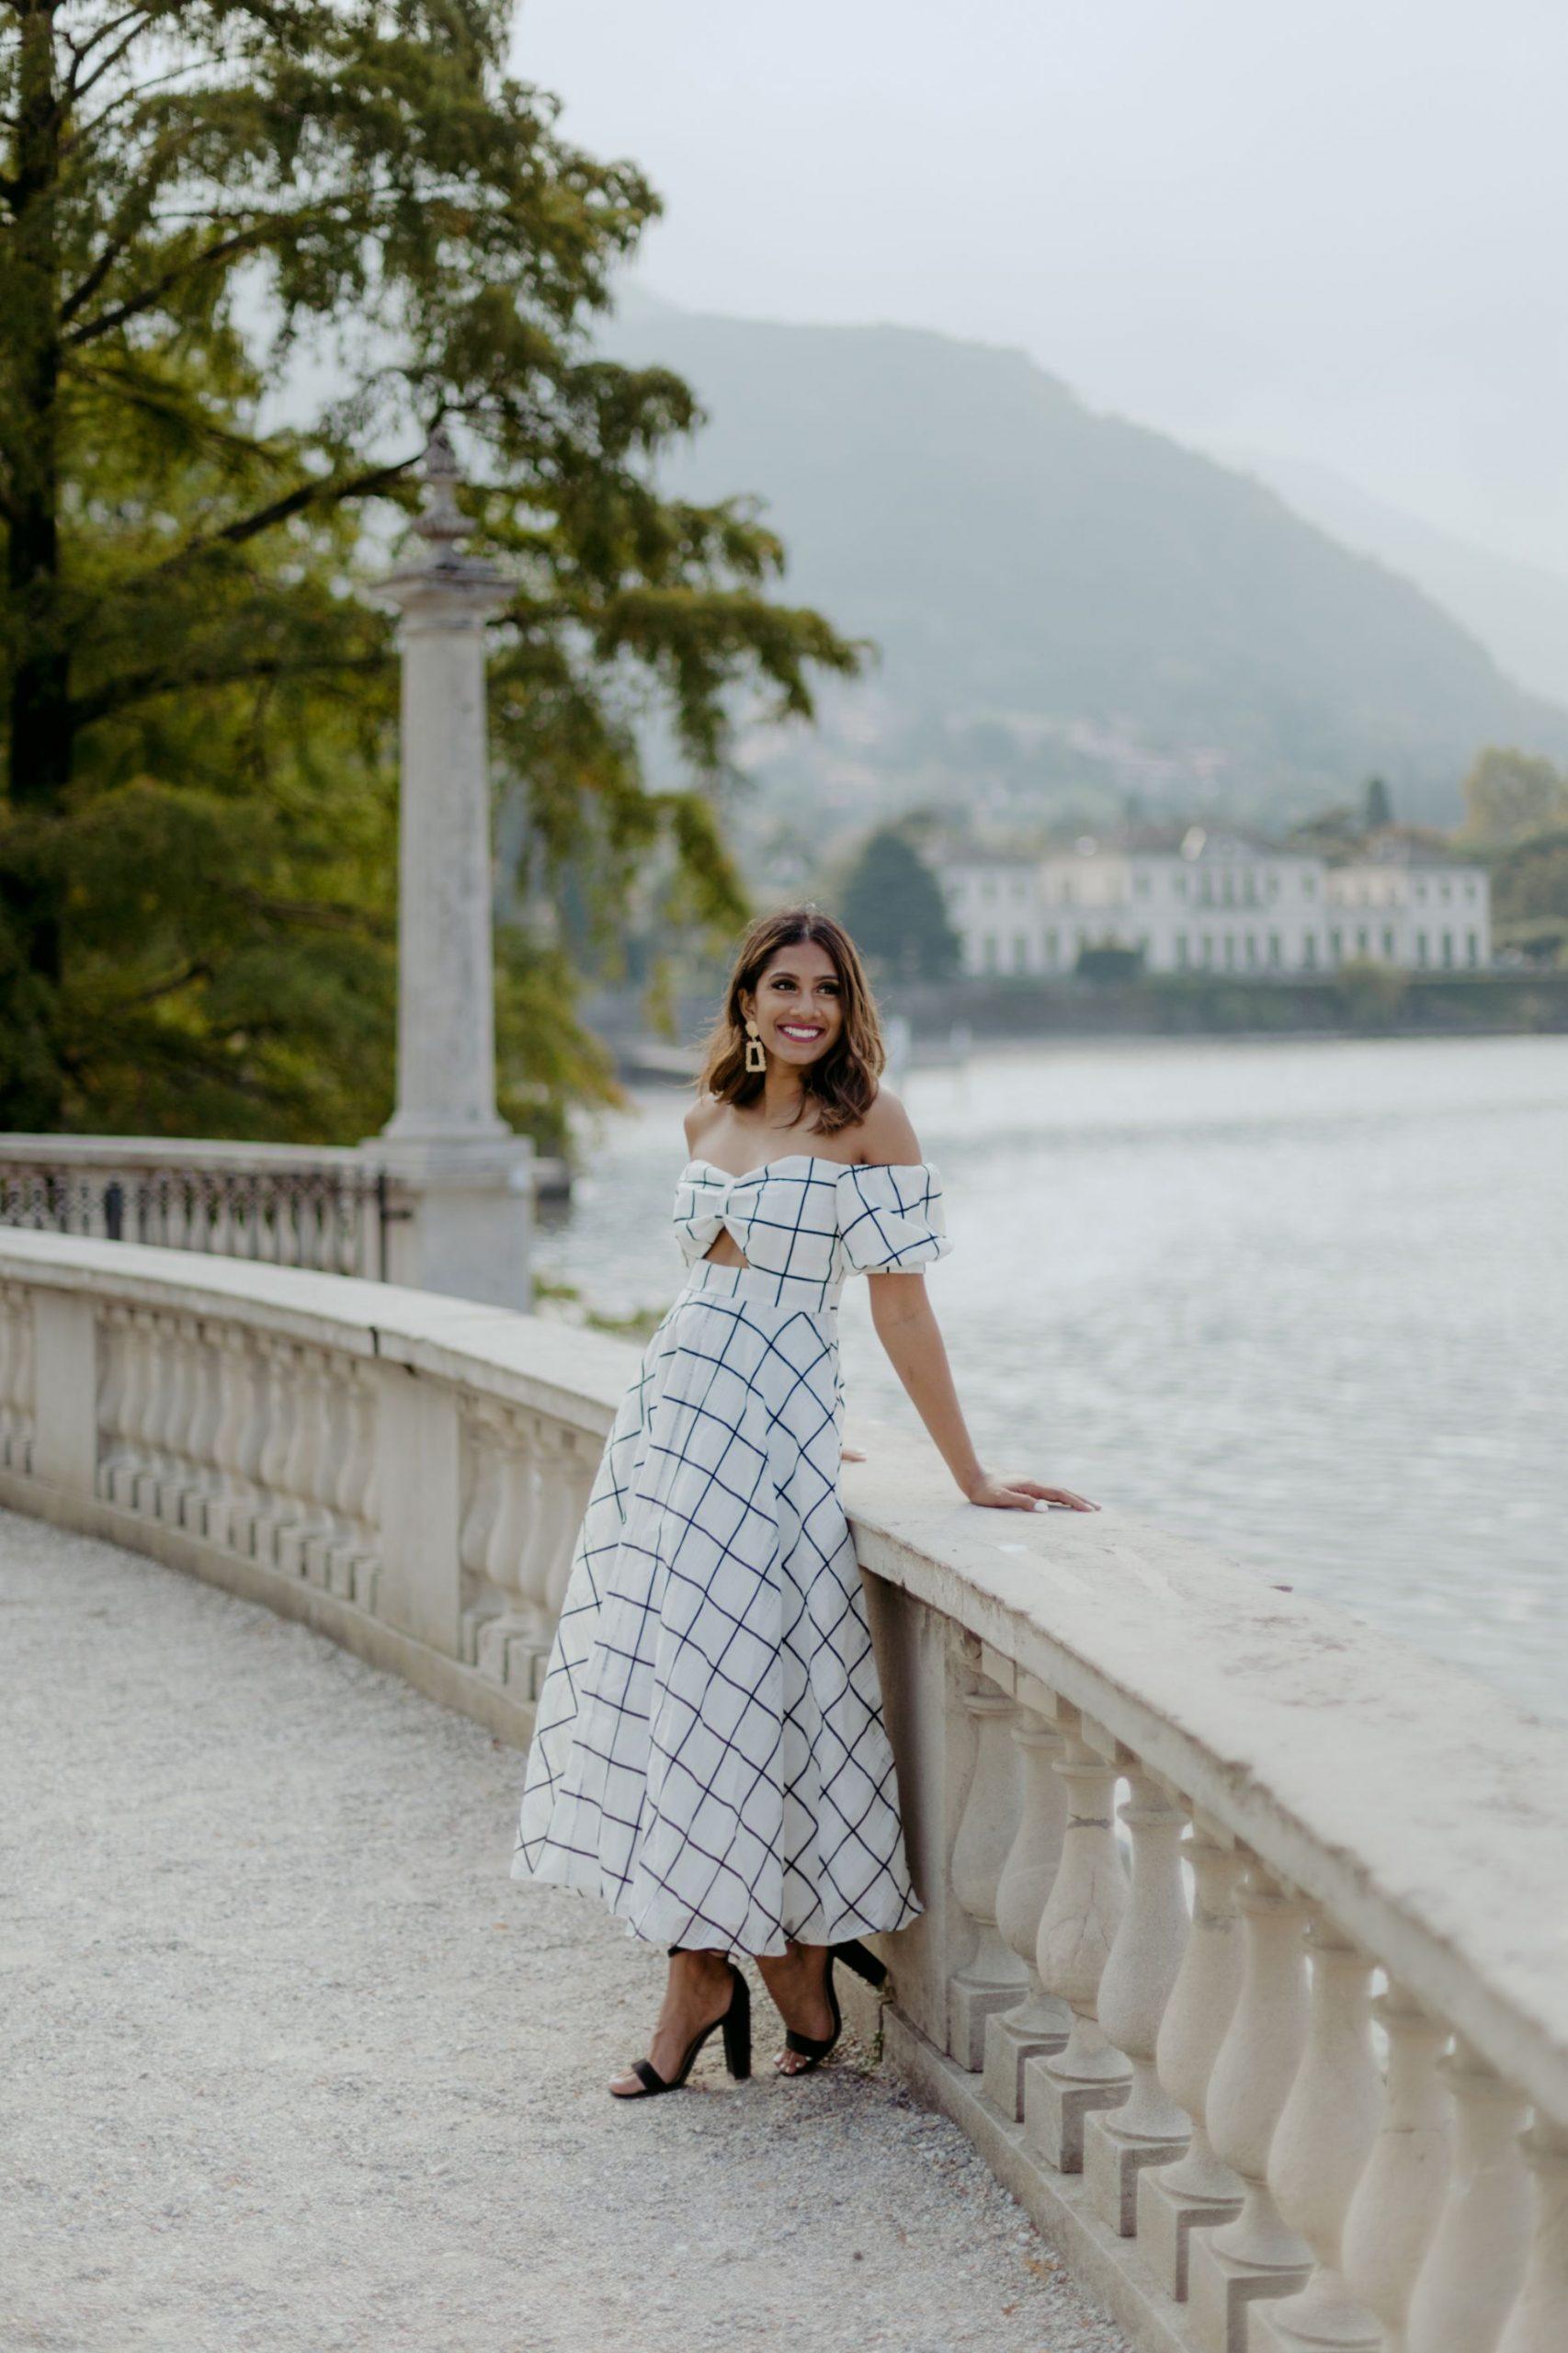 Birthday Weekend in Beautiful Lake Como